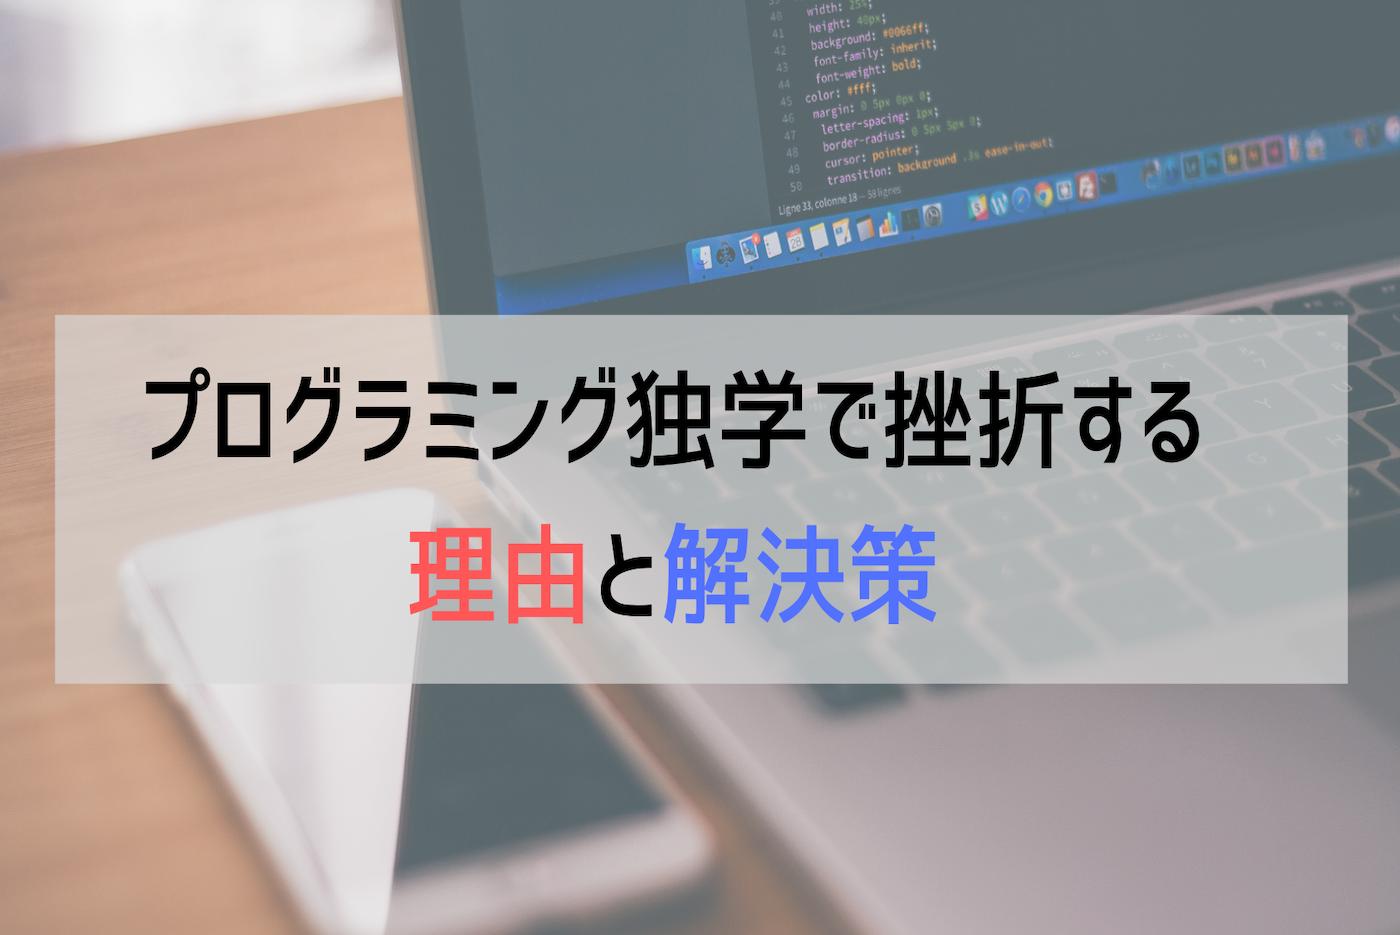 プログラミングの独学で挫折する理由は「モチベーション」と「○○」!?